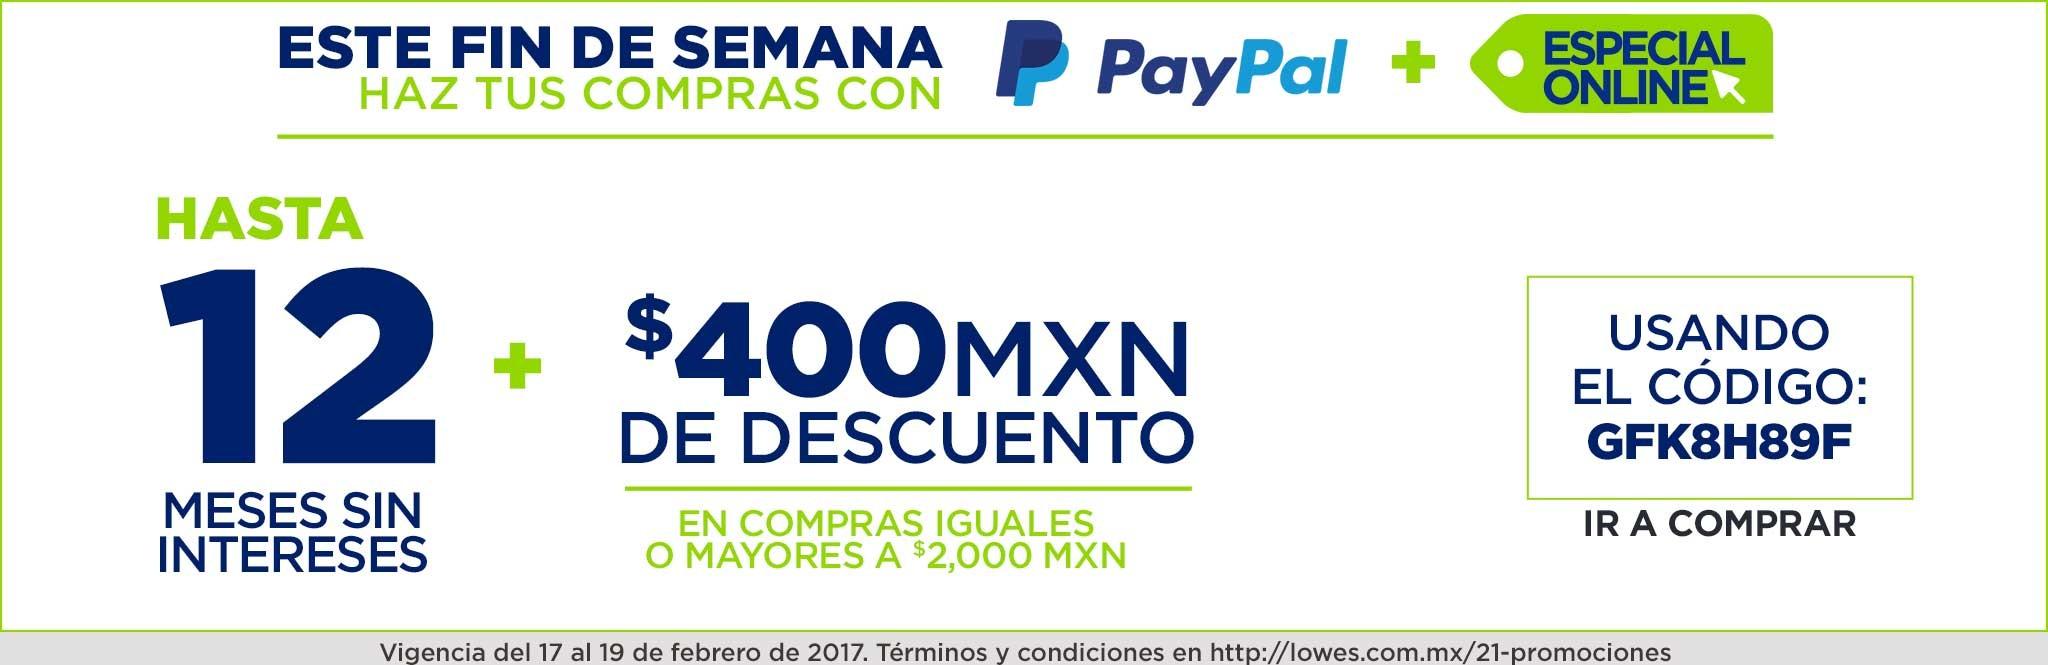 Lowes: 12 MSI + $400 de descuento en compras de $2000 o más con Paypal